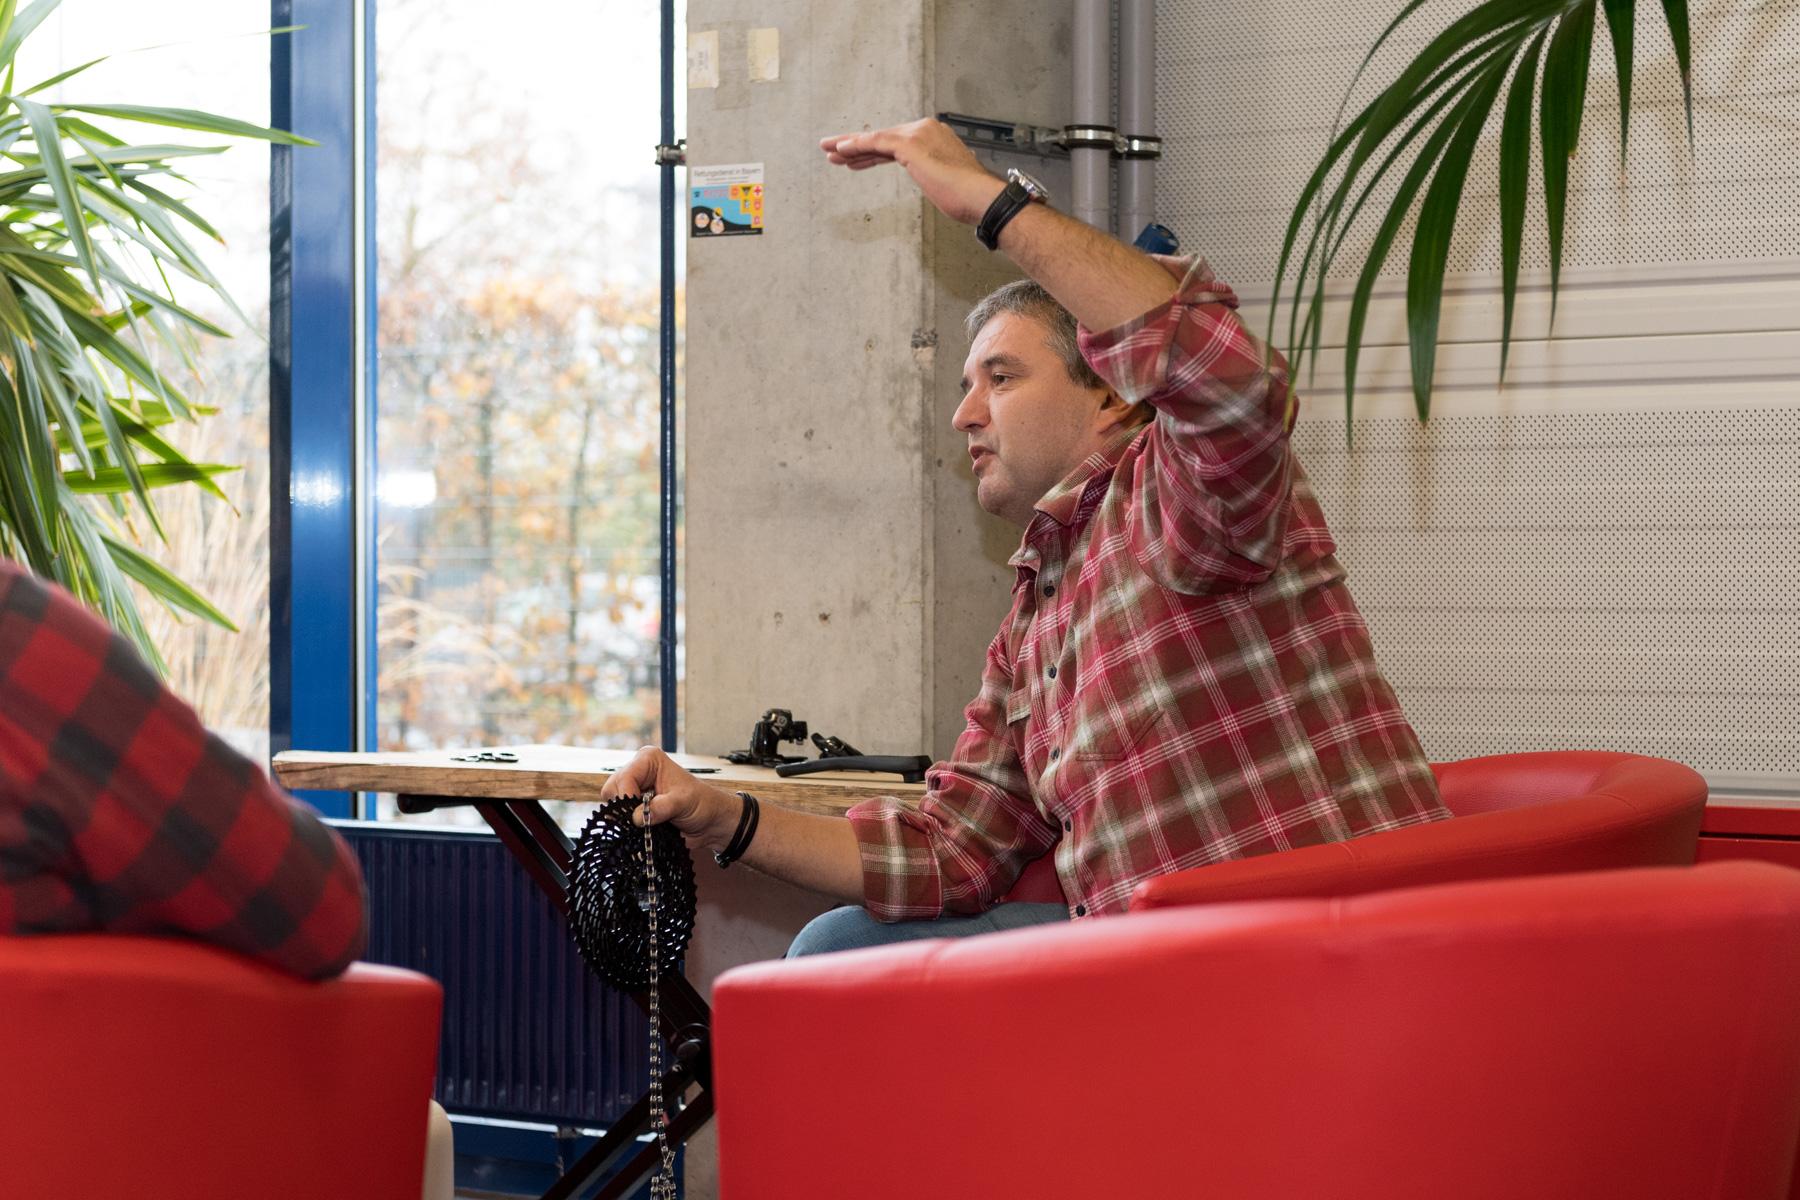 Da man bei E-Bikes ein aderes Schaltverhalten an den Tag legt, ergeben sich daraus auch neue Herausforderungen für den Antrieb. Dies erklärte uns Michael sehr anschaulich und präsentierte die neue SRAM EX1, welche die Herausforderung meistern soll.